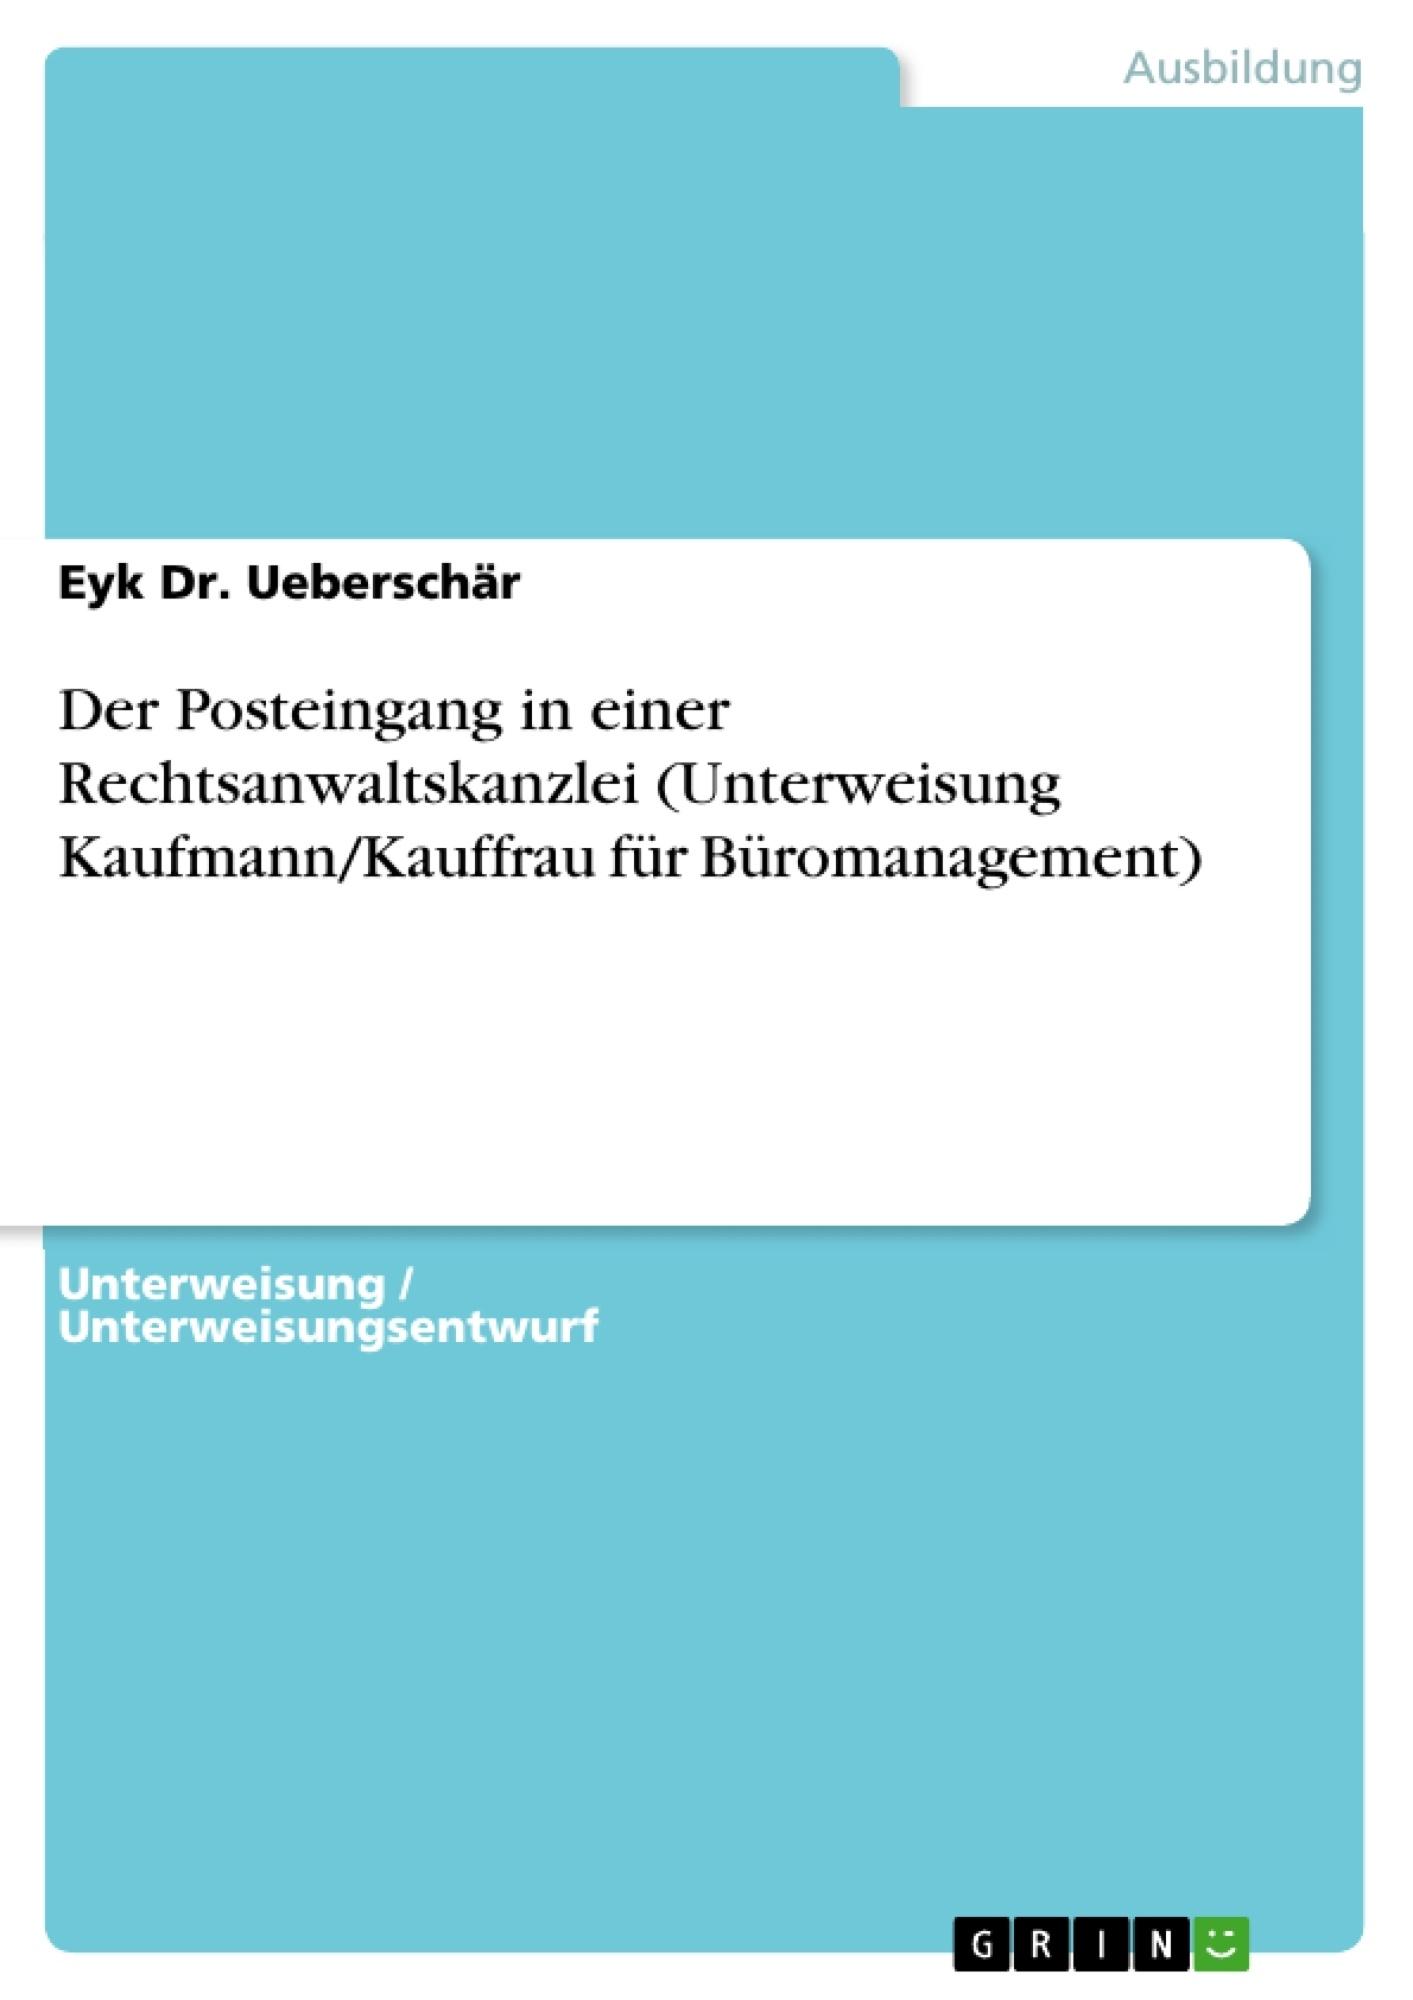 Titel: Der Posteingang in einer Rechtsanwaltskanzlei (Unterweisung Kaufmann/Kauffrau für Büromanagement)